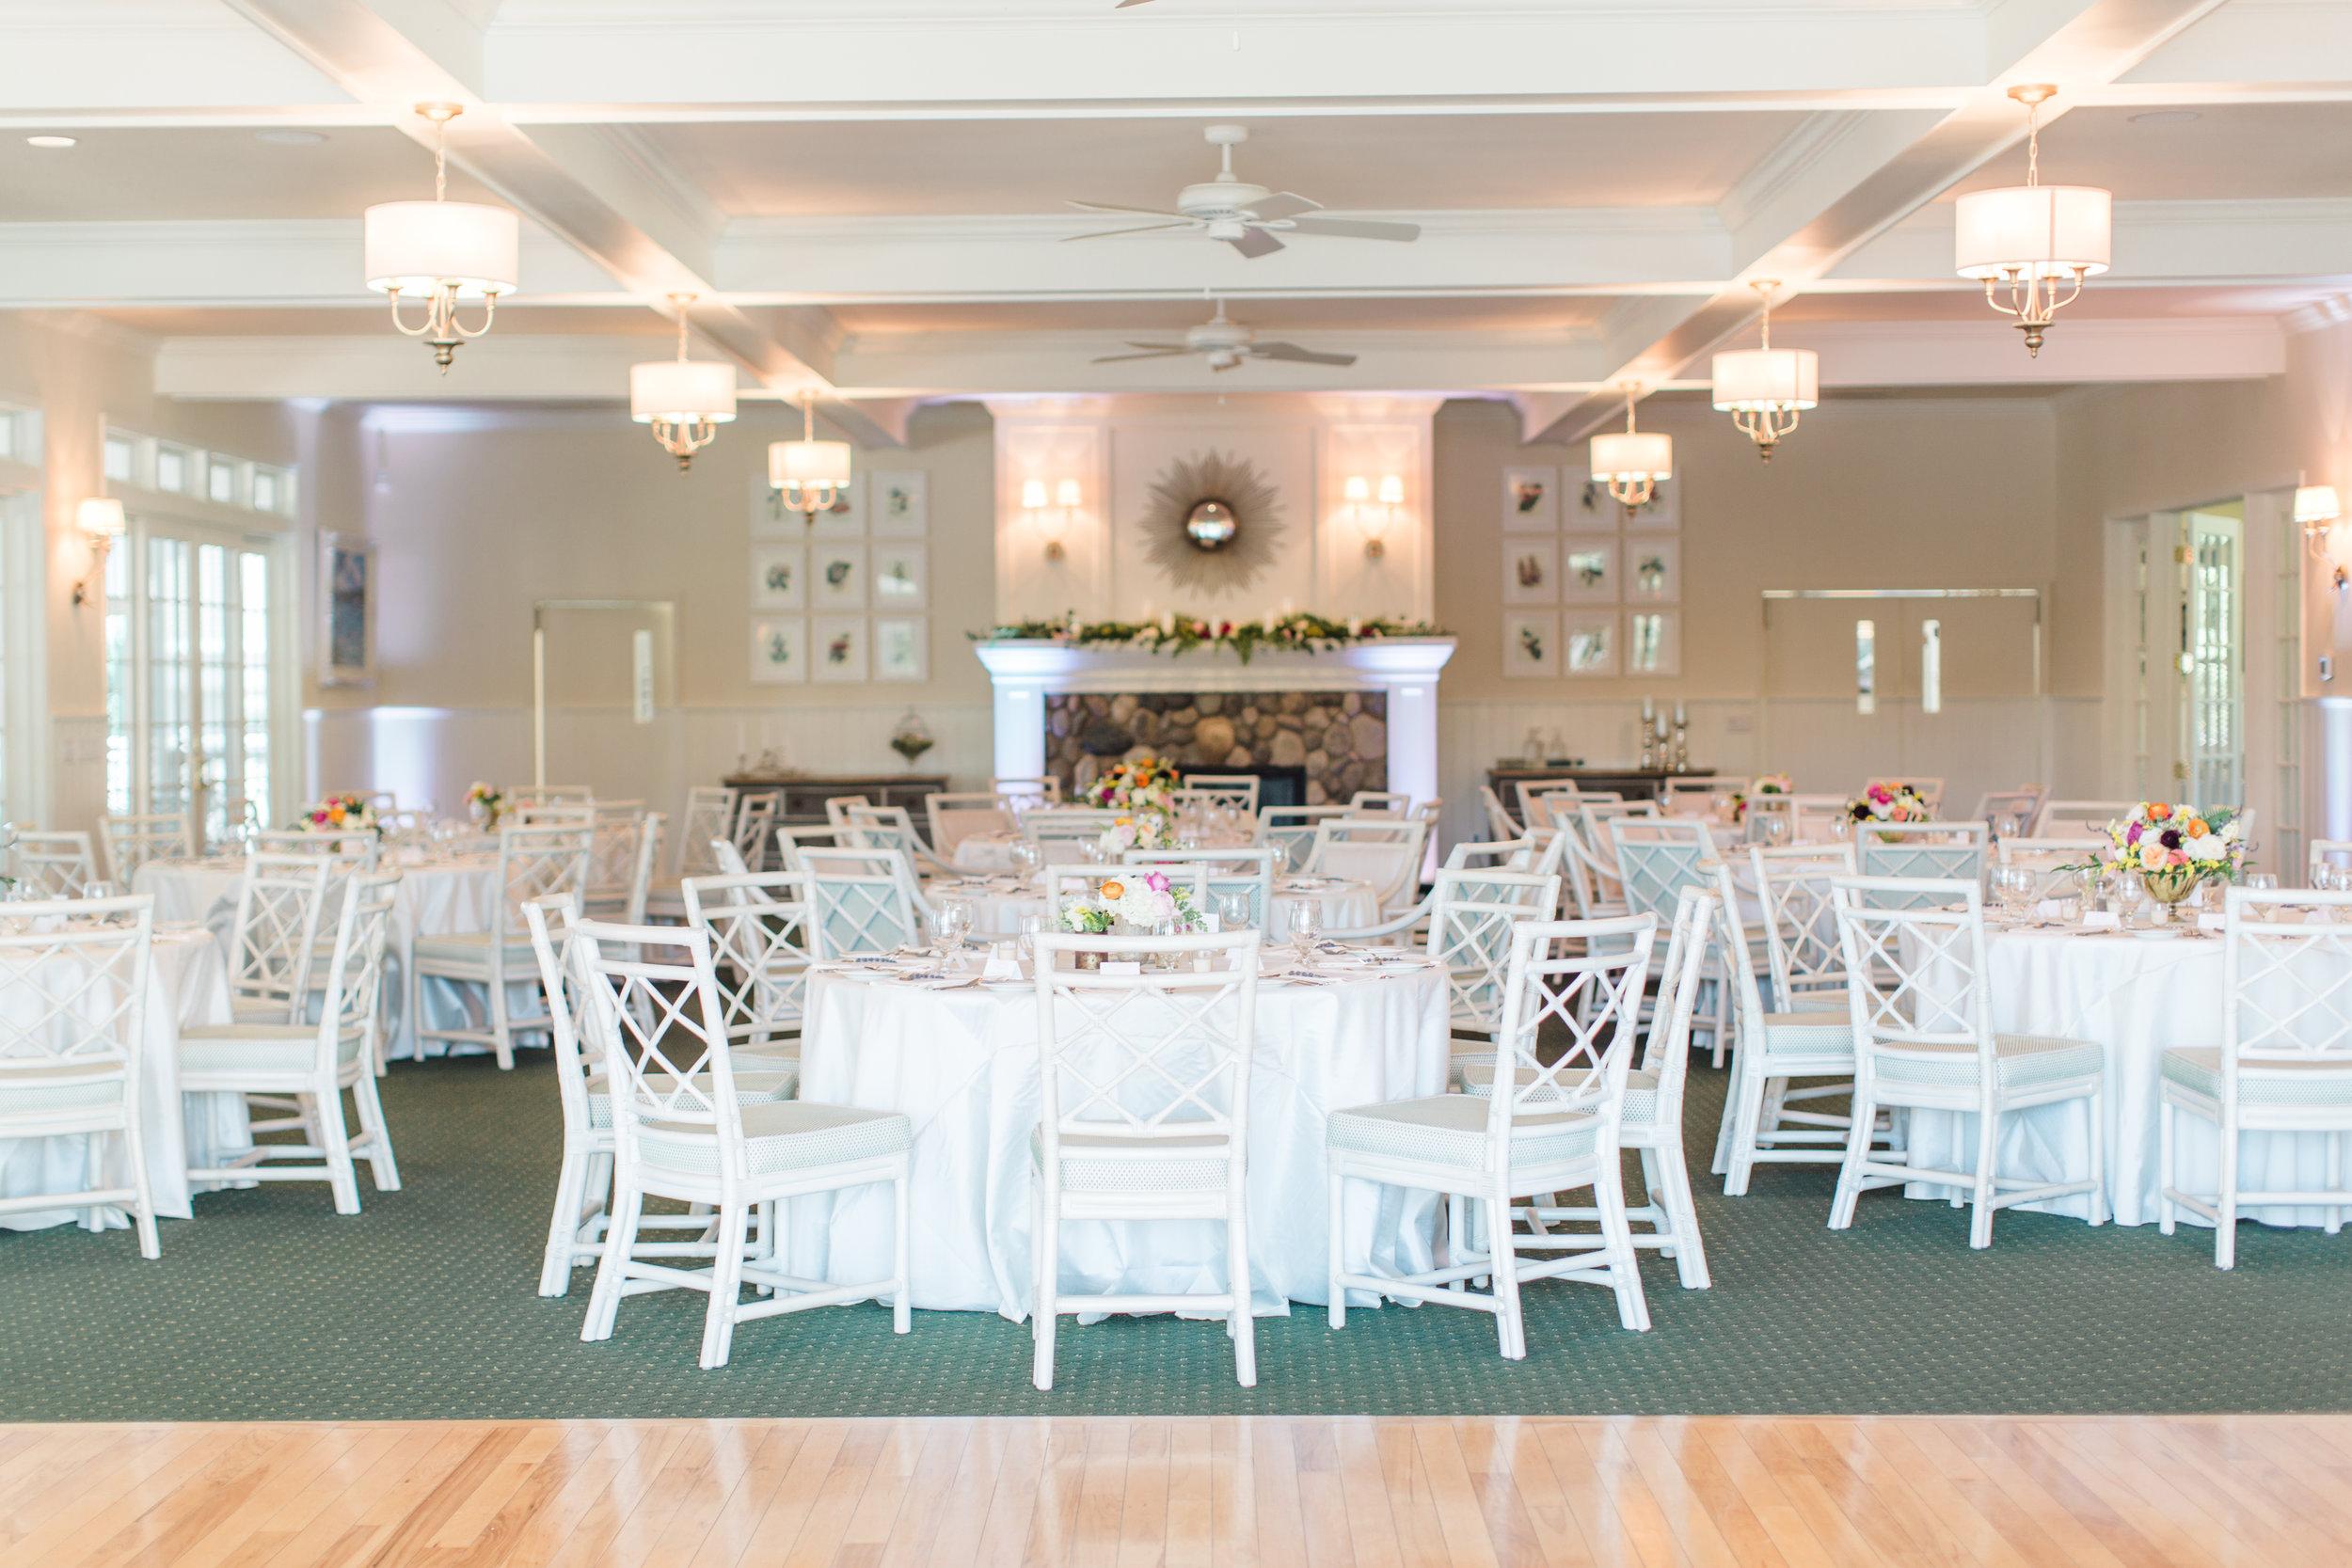 Govathoti+Wedding+Reception+Details-13.jpg